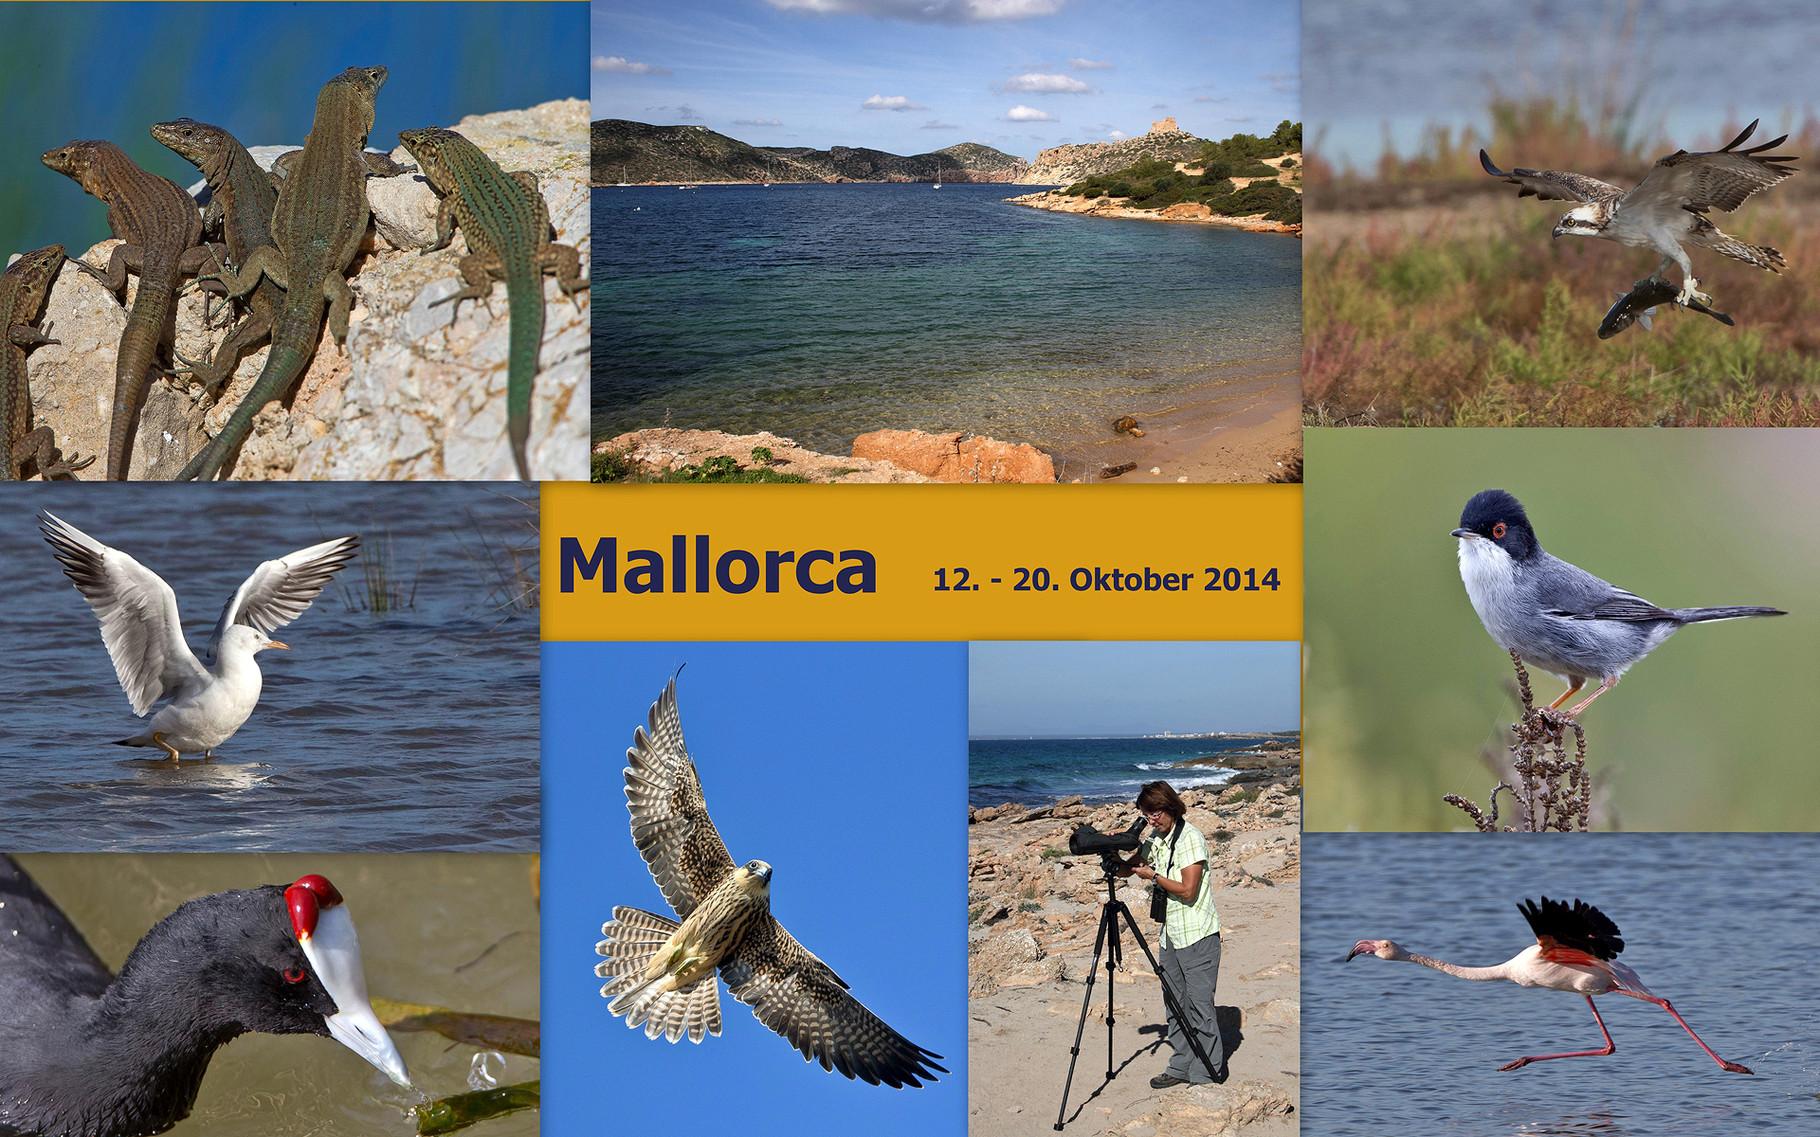 Starte die Bilder-Galerie unserer Mallorca-Reise im Oktober 2014